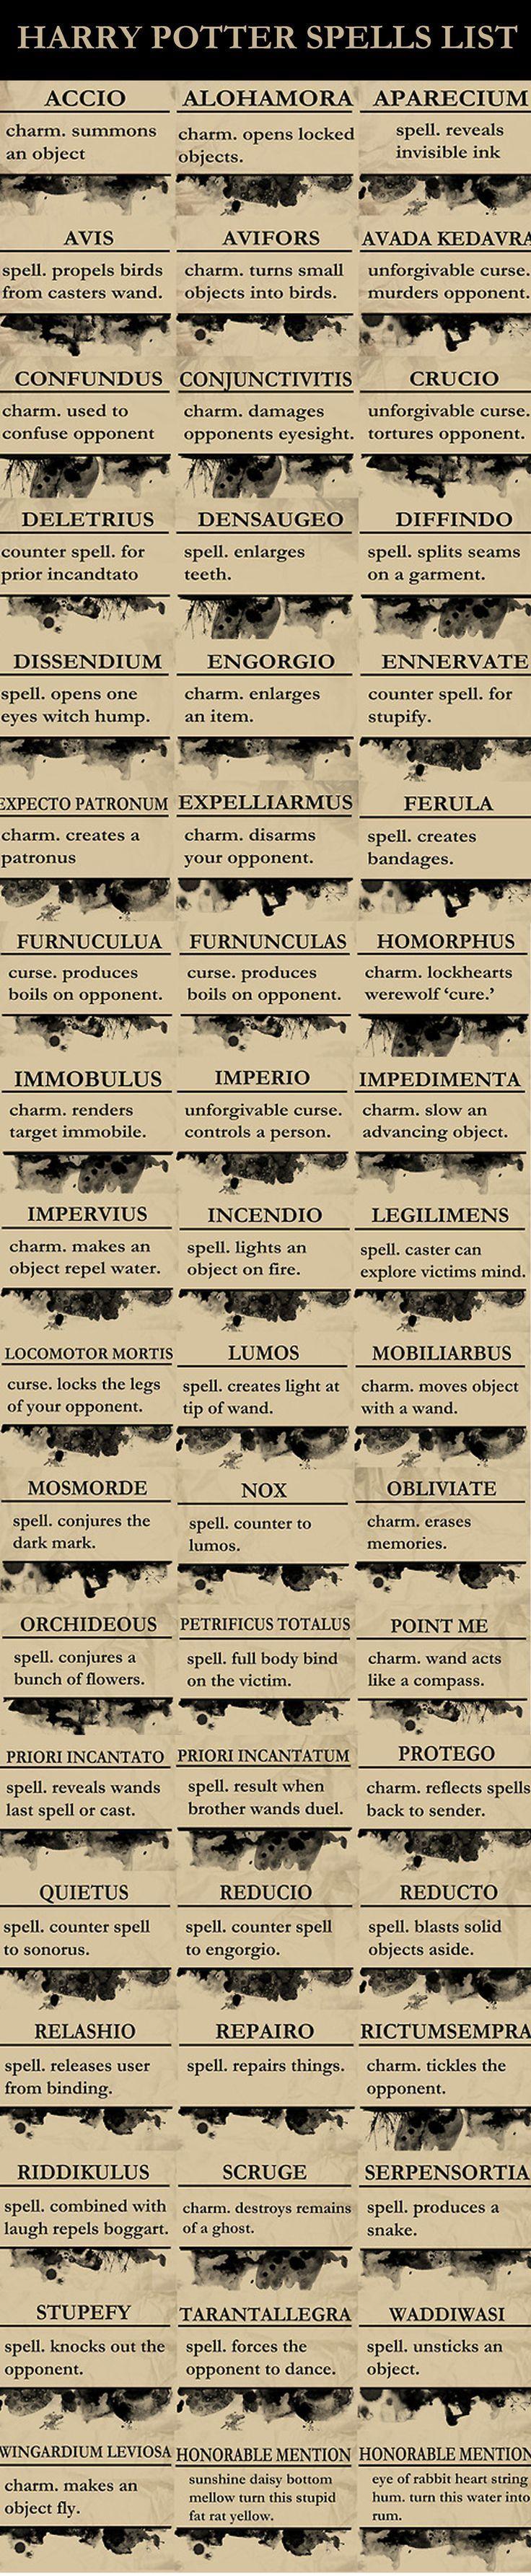 Liste des sorts Harry Potter